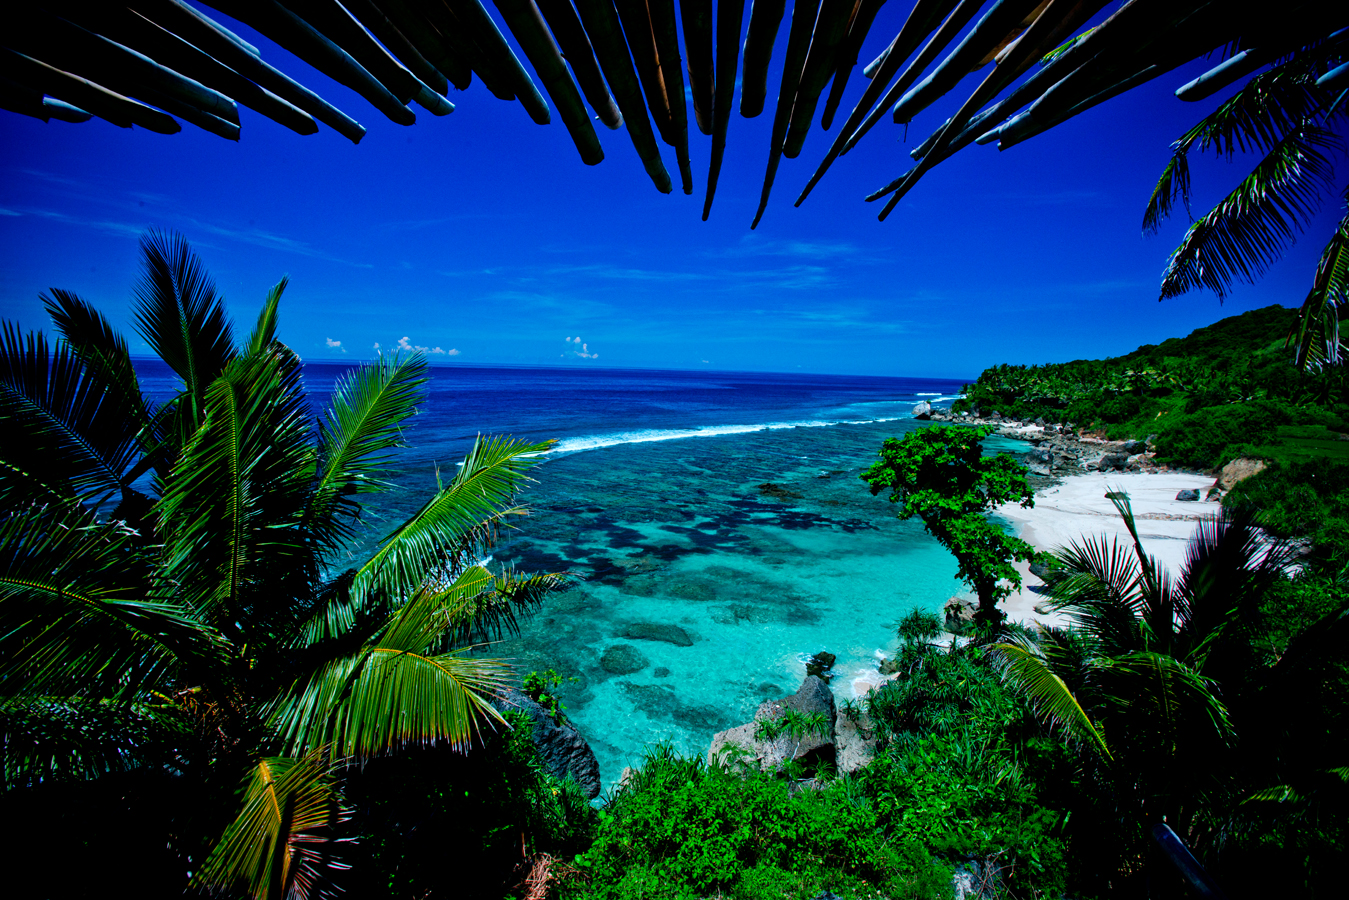 Ocean Indonesia